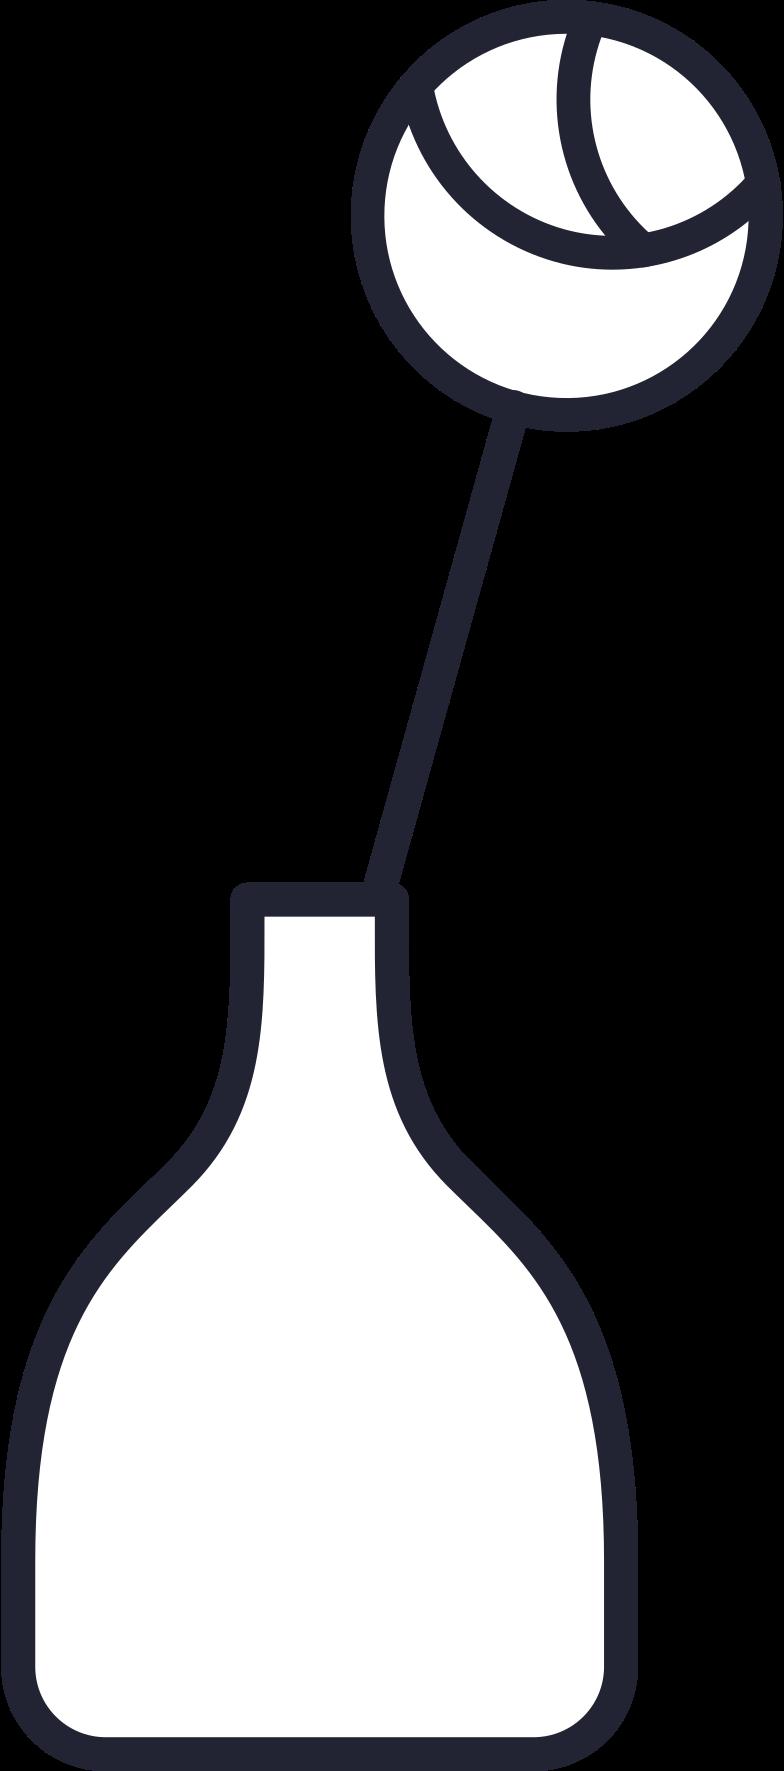 flower in vase Clipart illustration in PNG, SVG